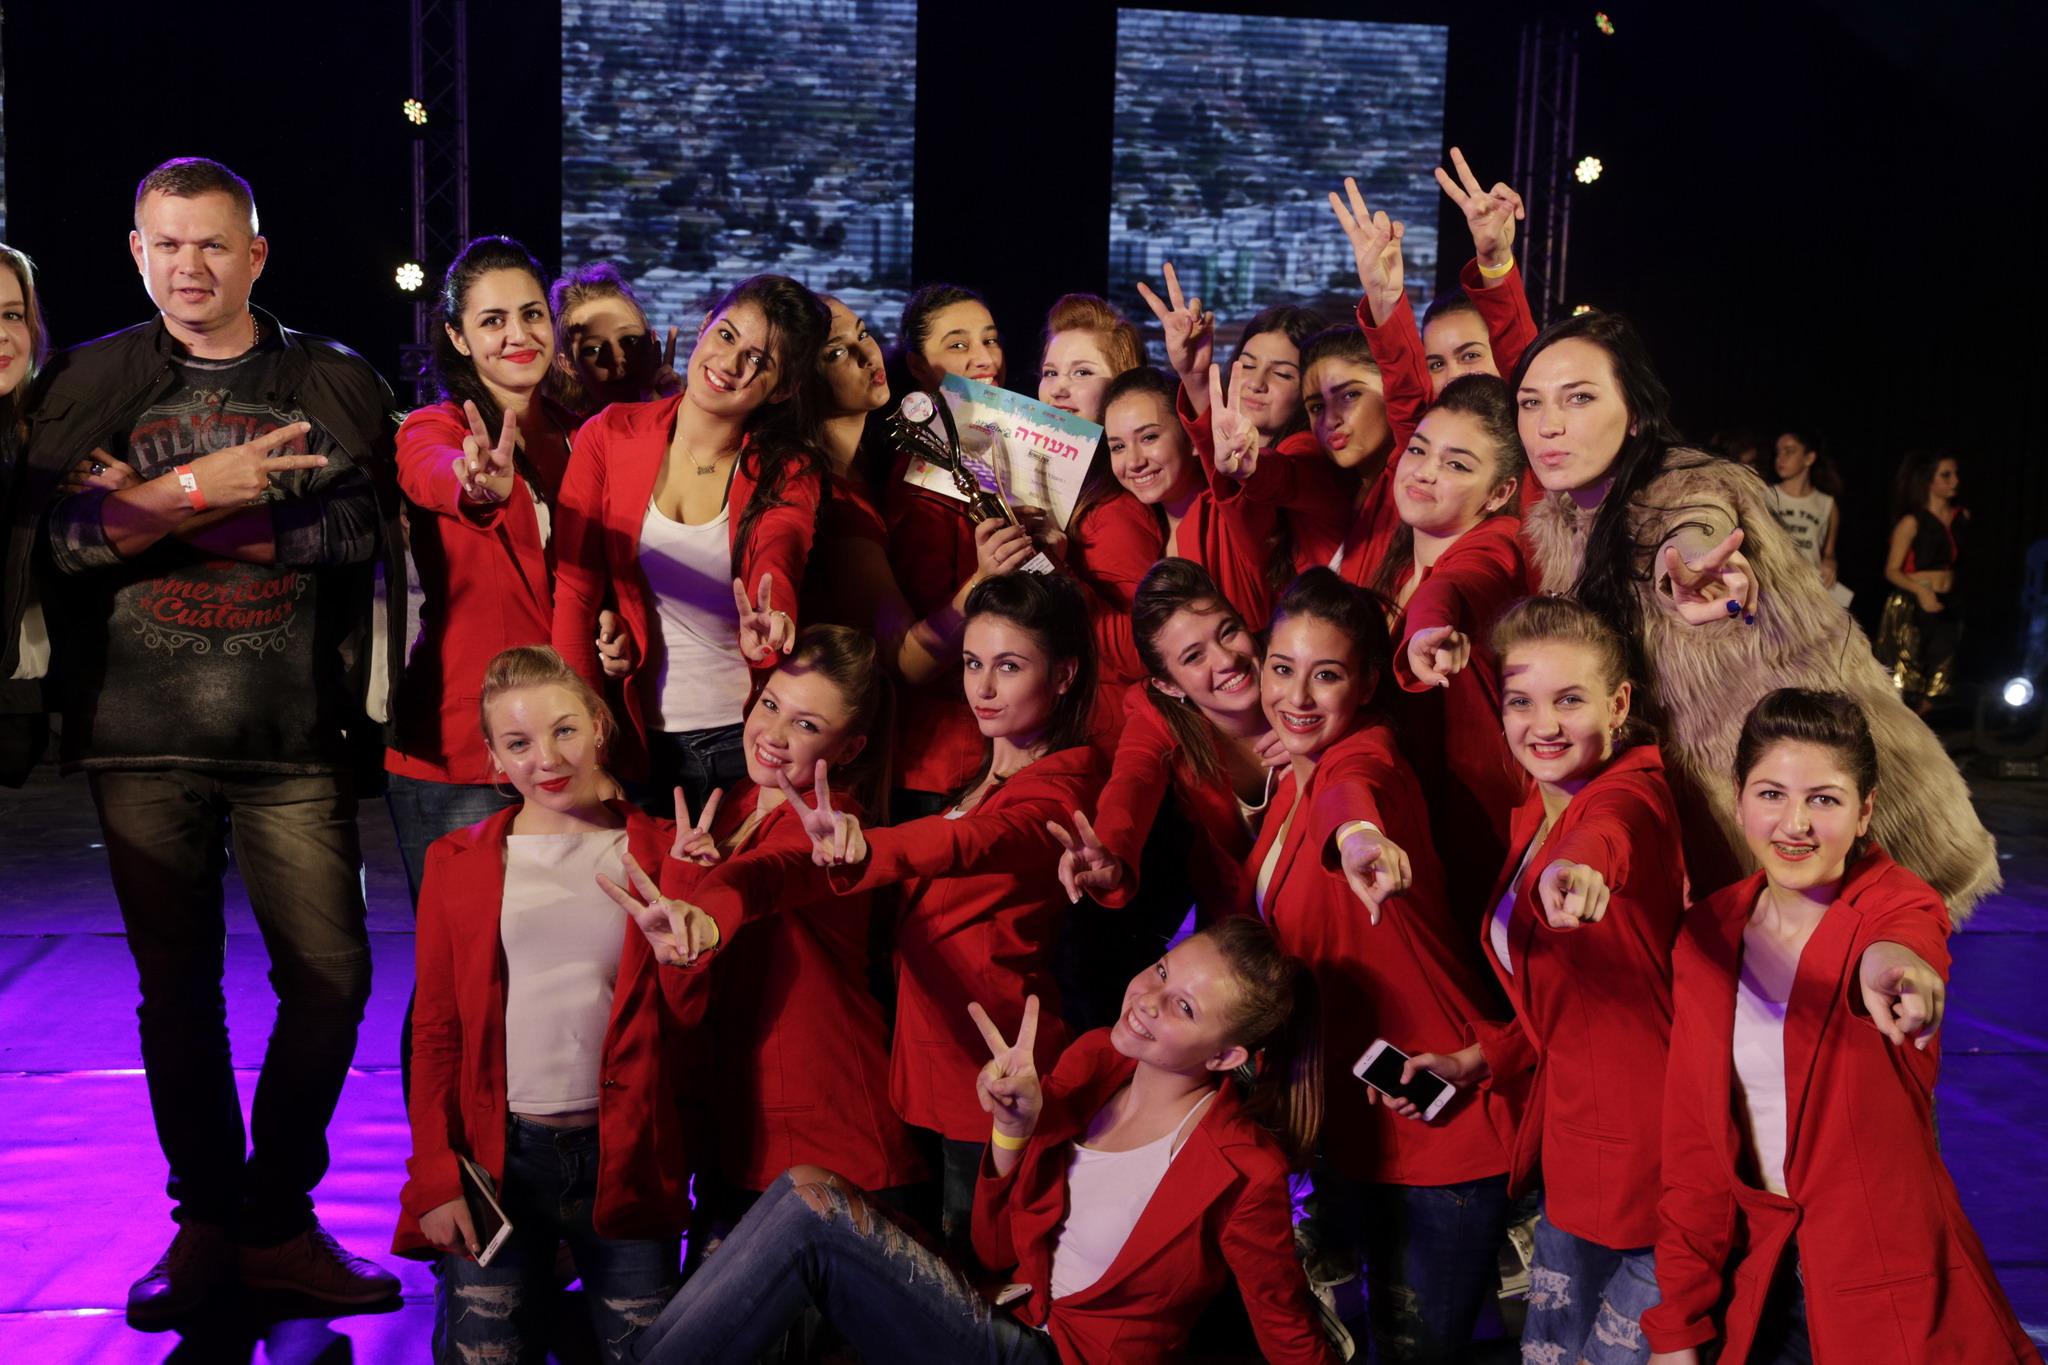 Чемпионы конкурса танцев Гимнастрада «Кохав маром 2016» в Беер-Шеве!